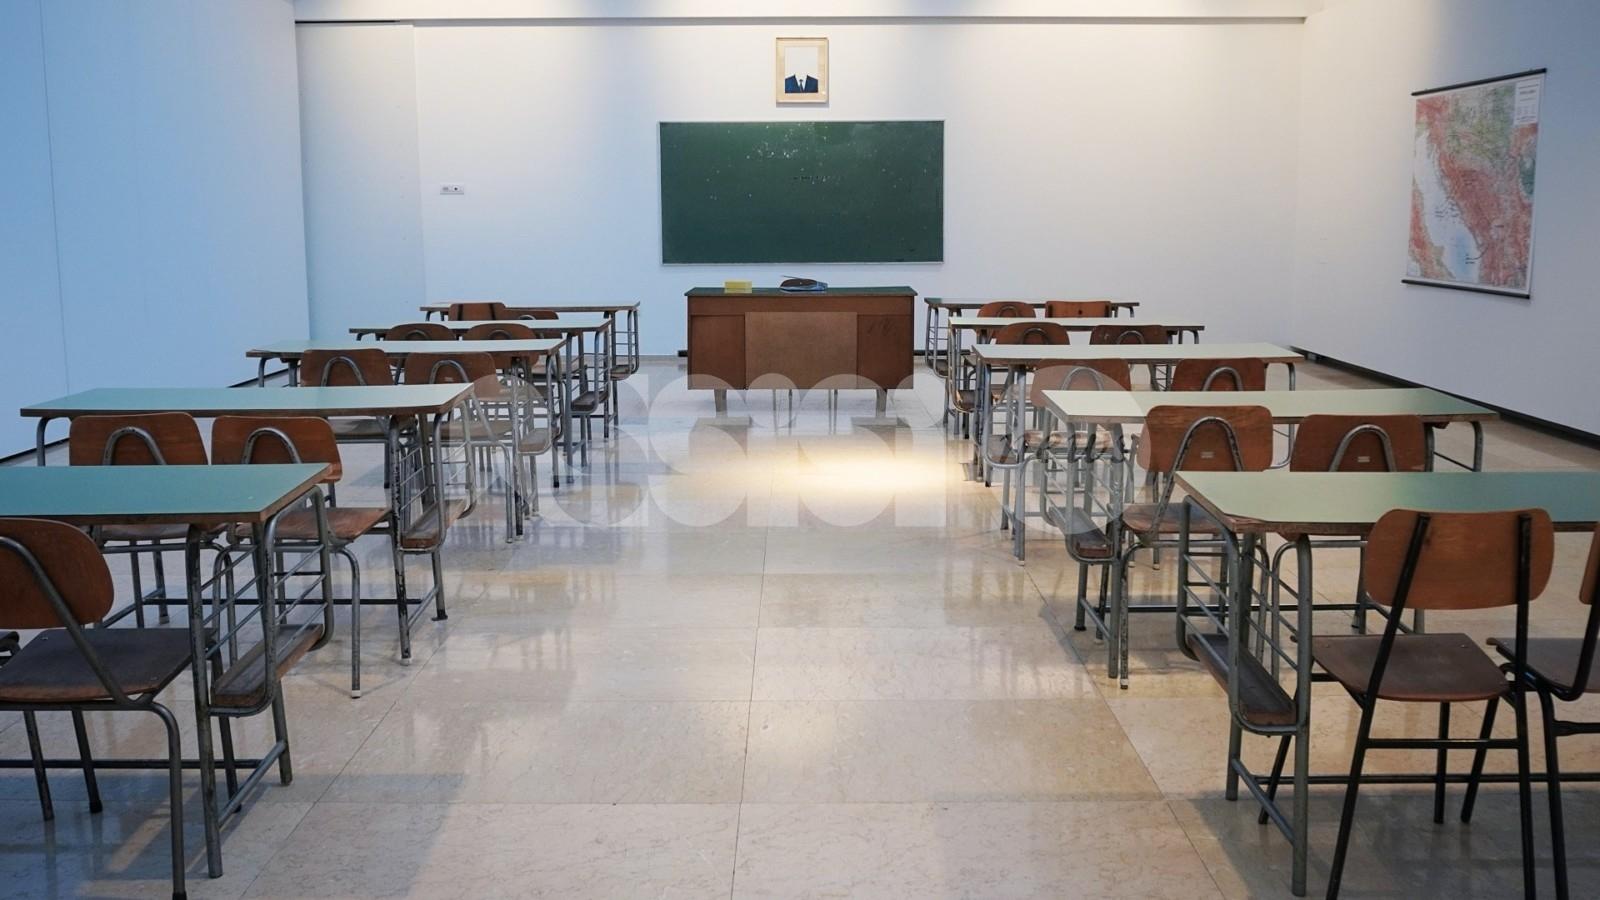 Covid-19, aumentano i contagi a Bastia Umbra: scuole quasi tutte chiuse. Ad Assisi ancora lezioni in presenza